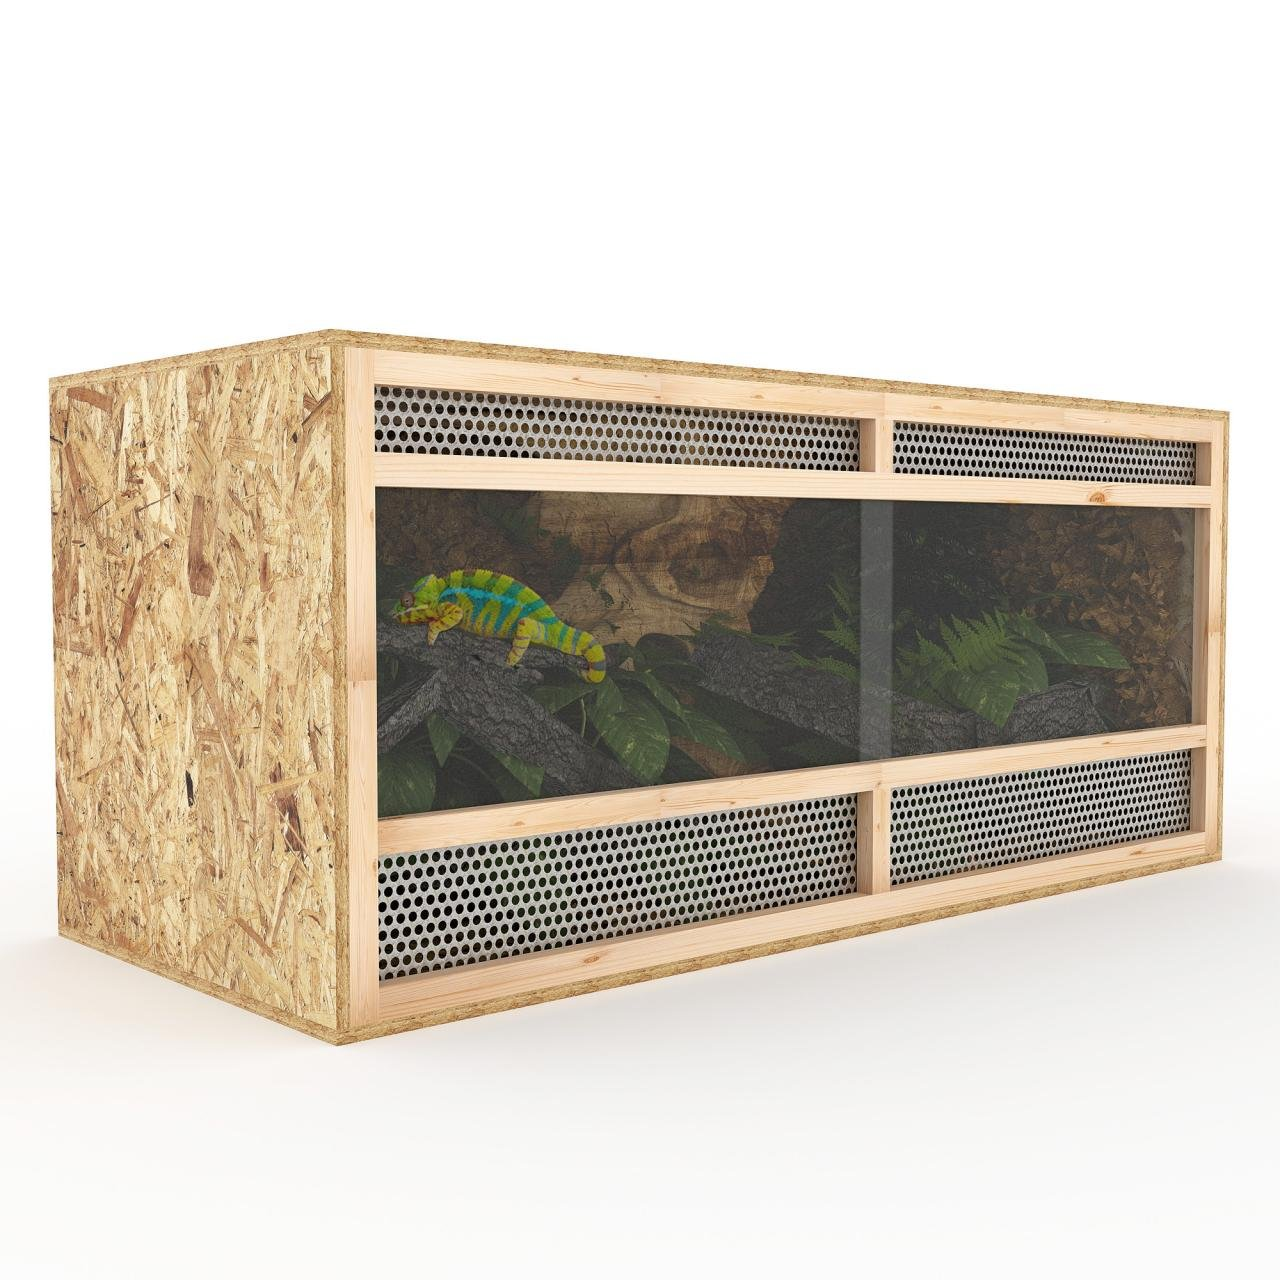 Terrarium aus Holz 120 cm breit aus OSB Platten Holzterrarium mit Seitenbelüftung Happypet